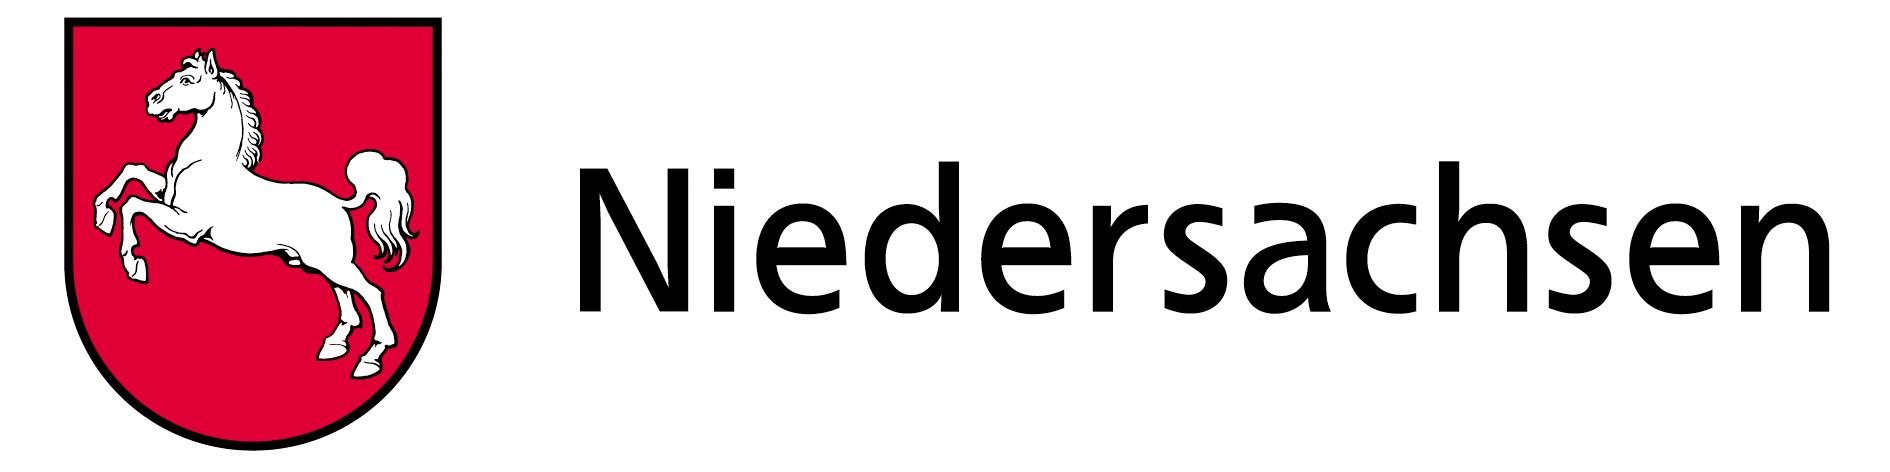 Land-Niedersachsen-Logo.jpg